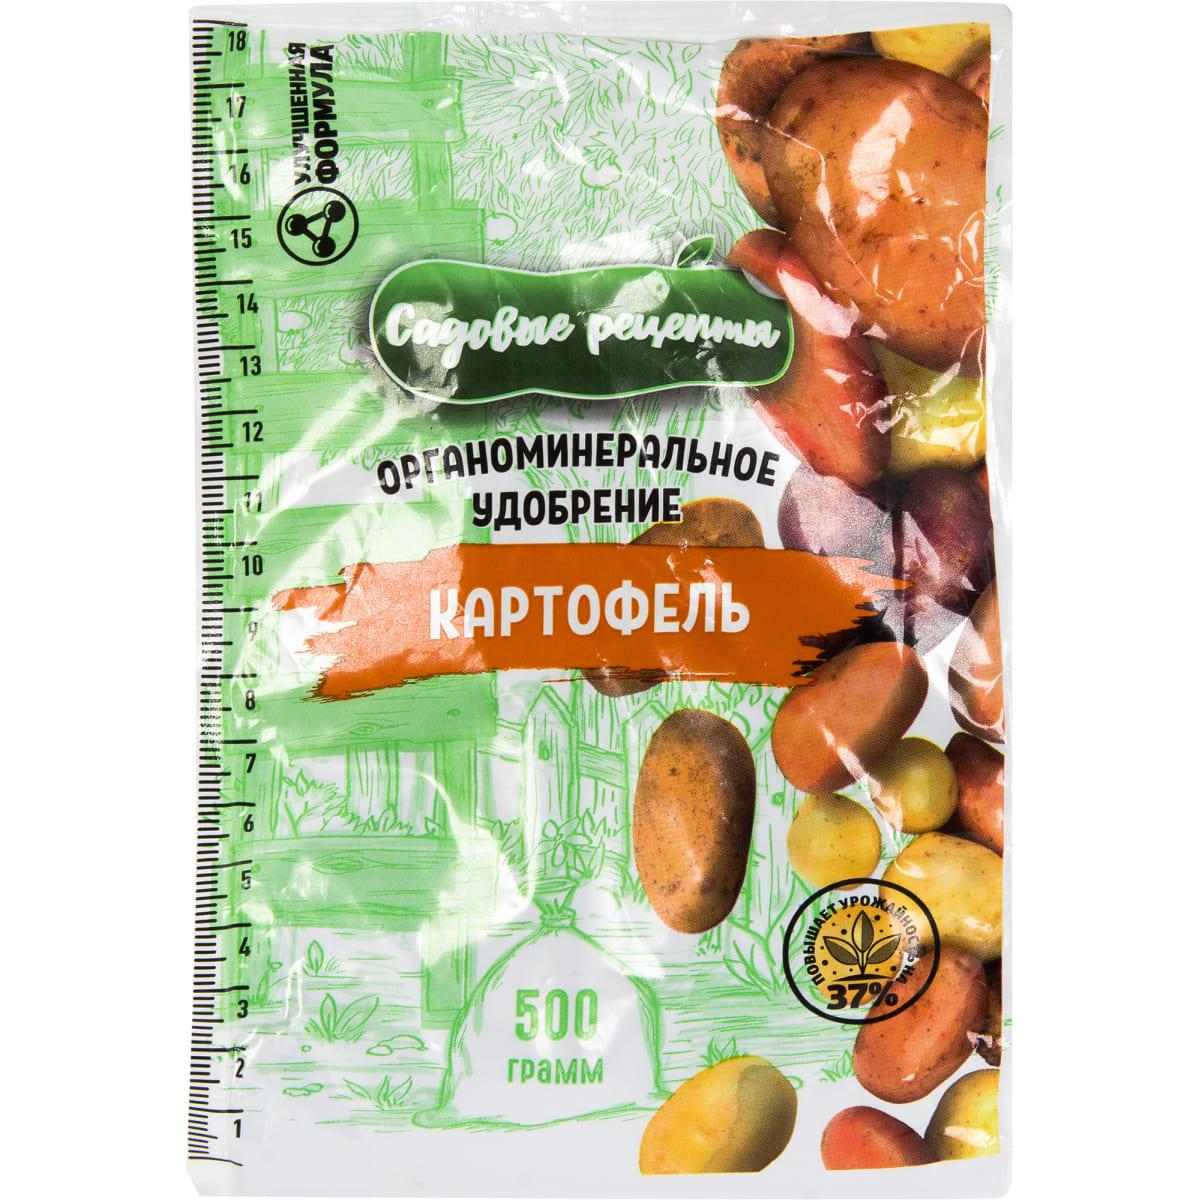 Удобрение Садовые рецепты для картофеля 0.5 кг